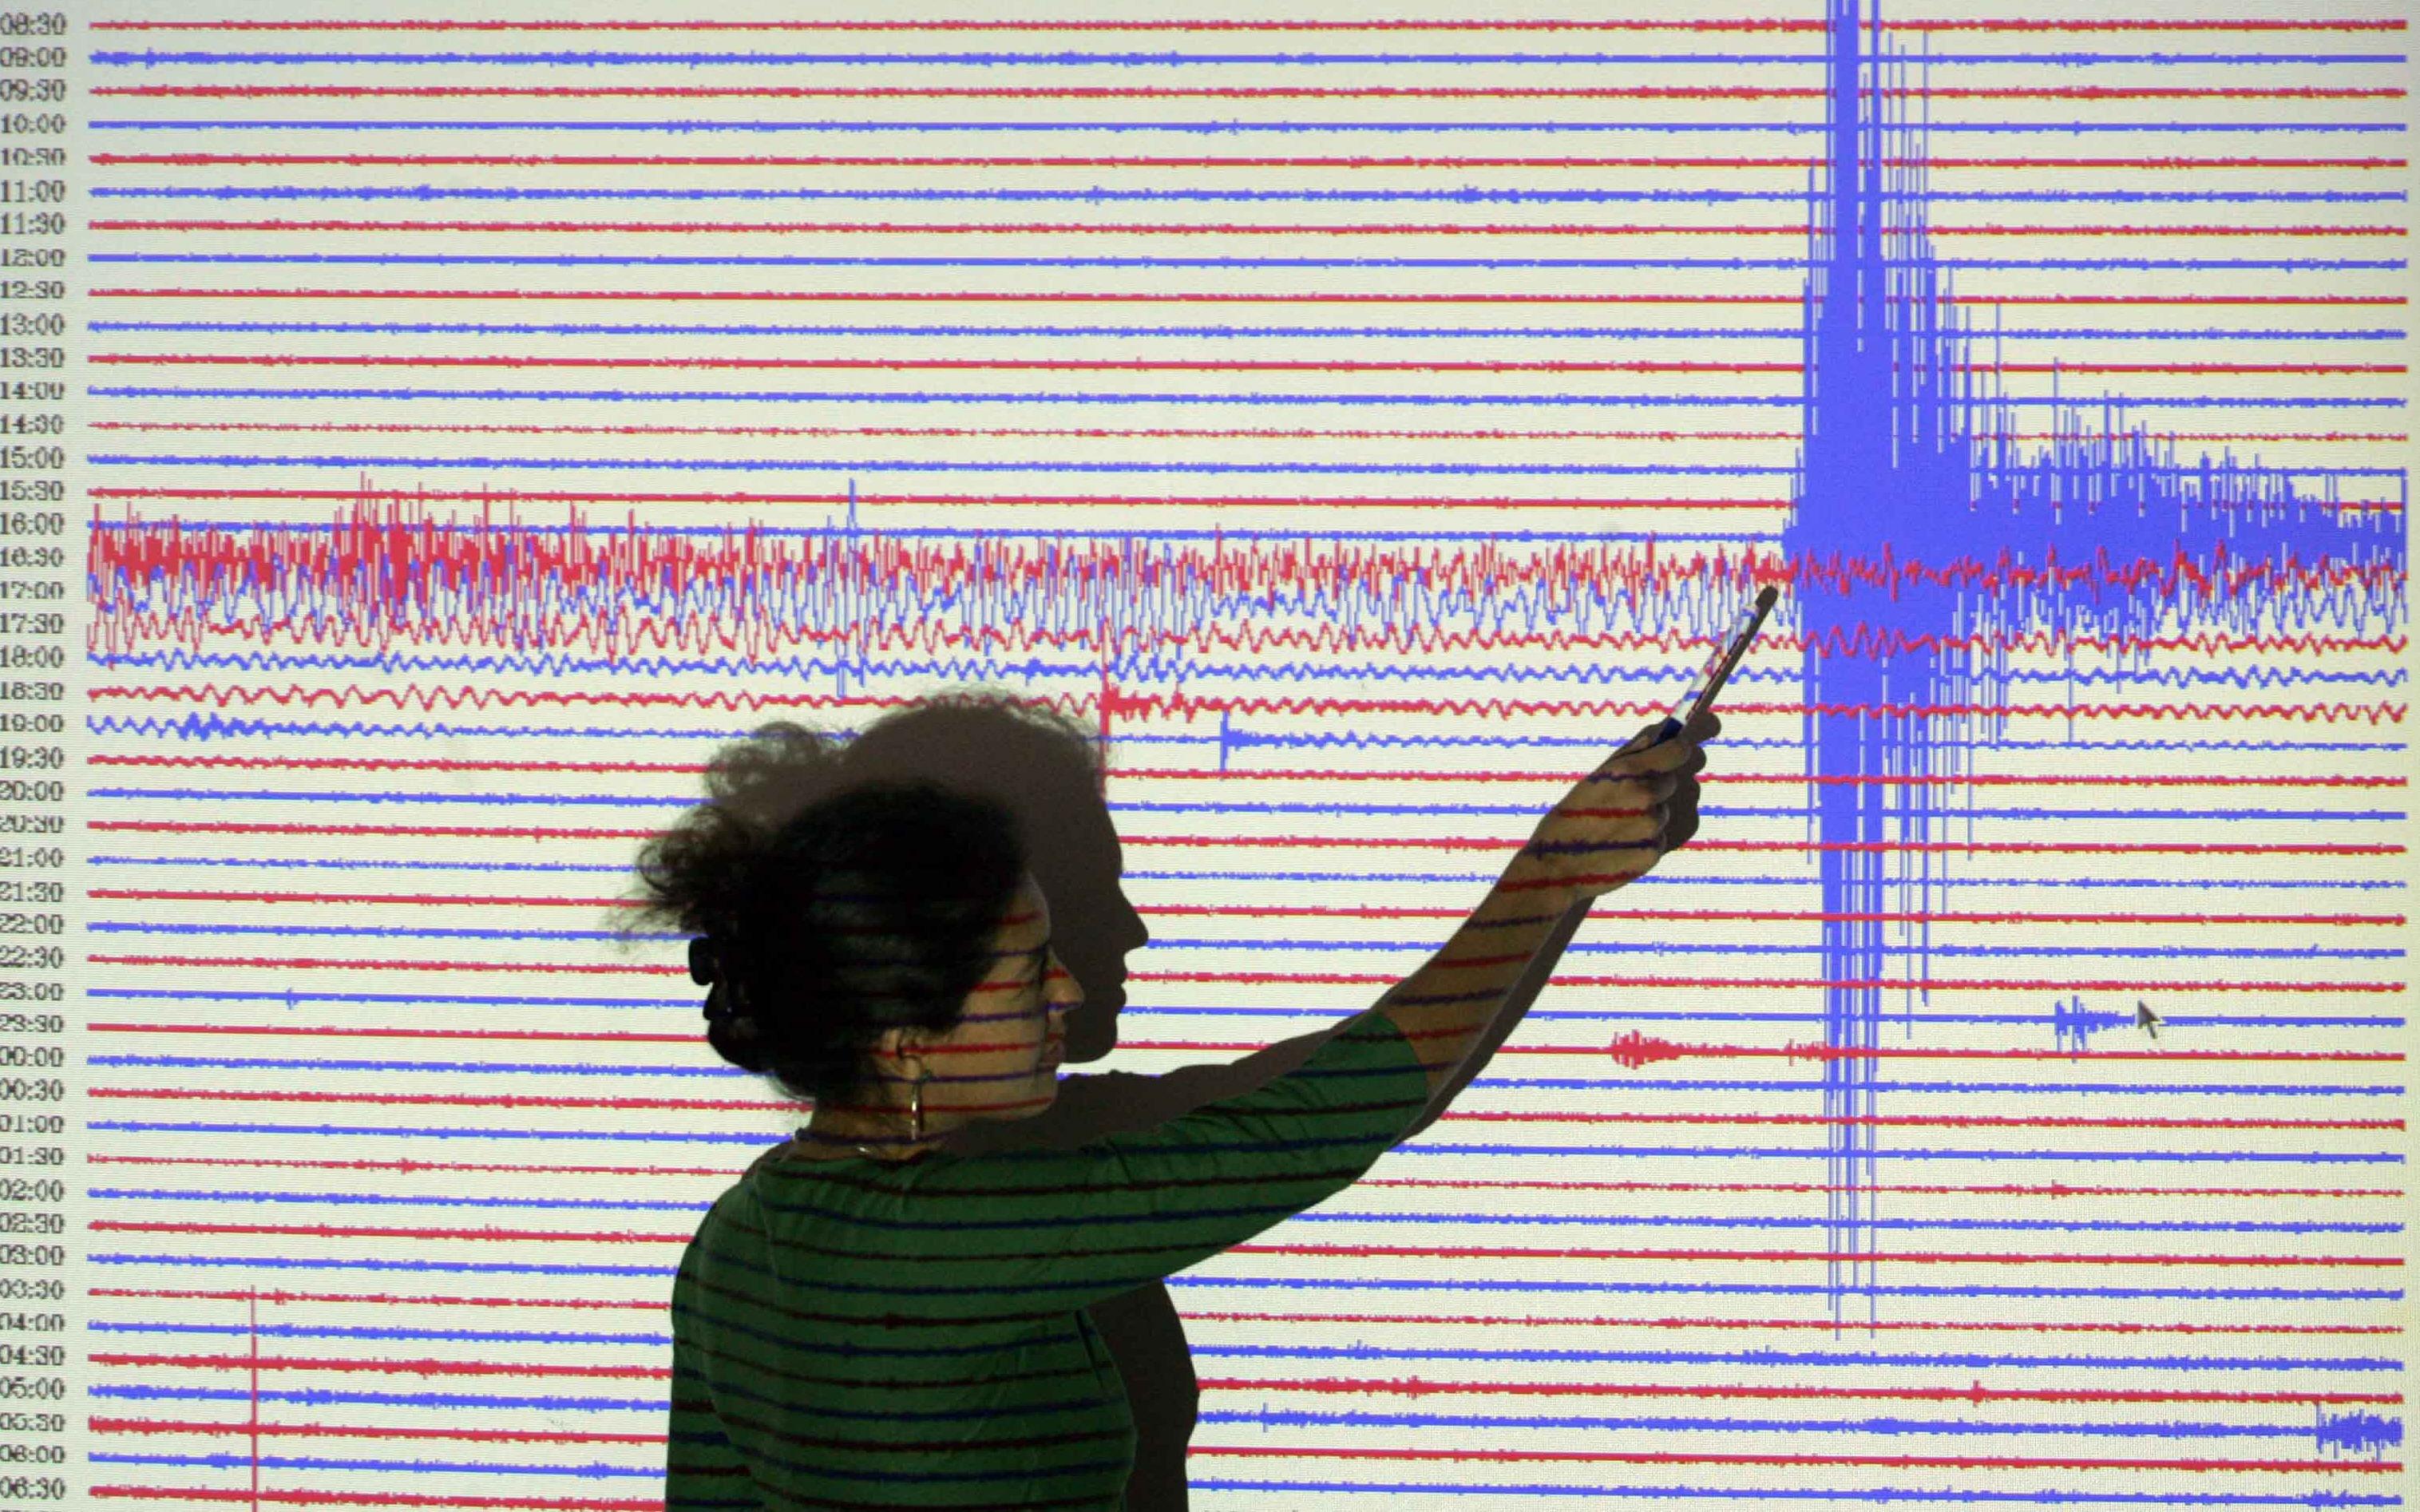 Ισχυρός σεισμός 7,1 βαθμών στο Περού   tovima.gr